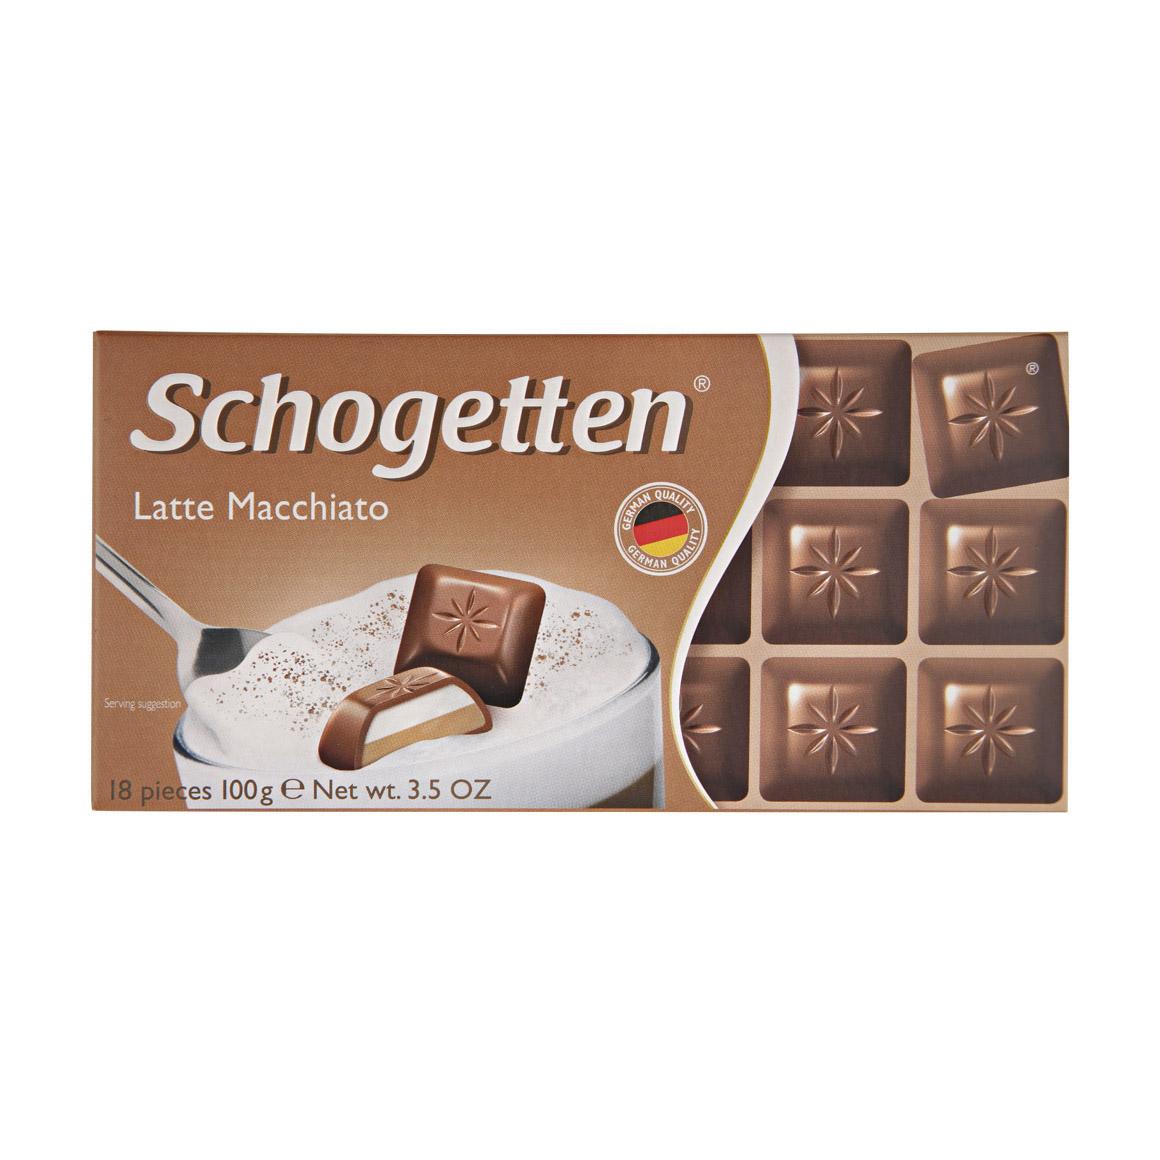 шоколад алёнка молочный порционный с молочной начинкой 100 г Шоколад Schogetten молочный с кремовой кофейно-молочной начинкой 100 г